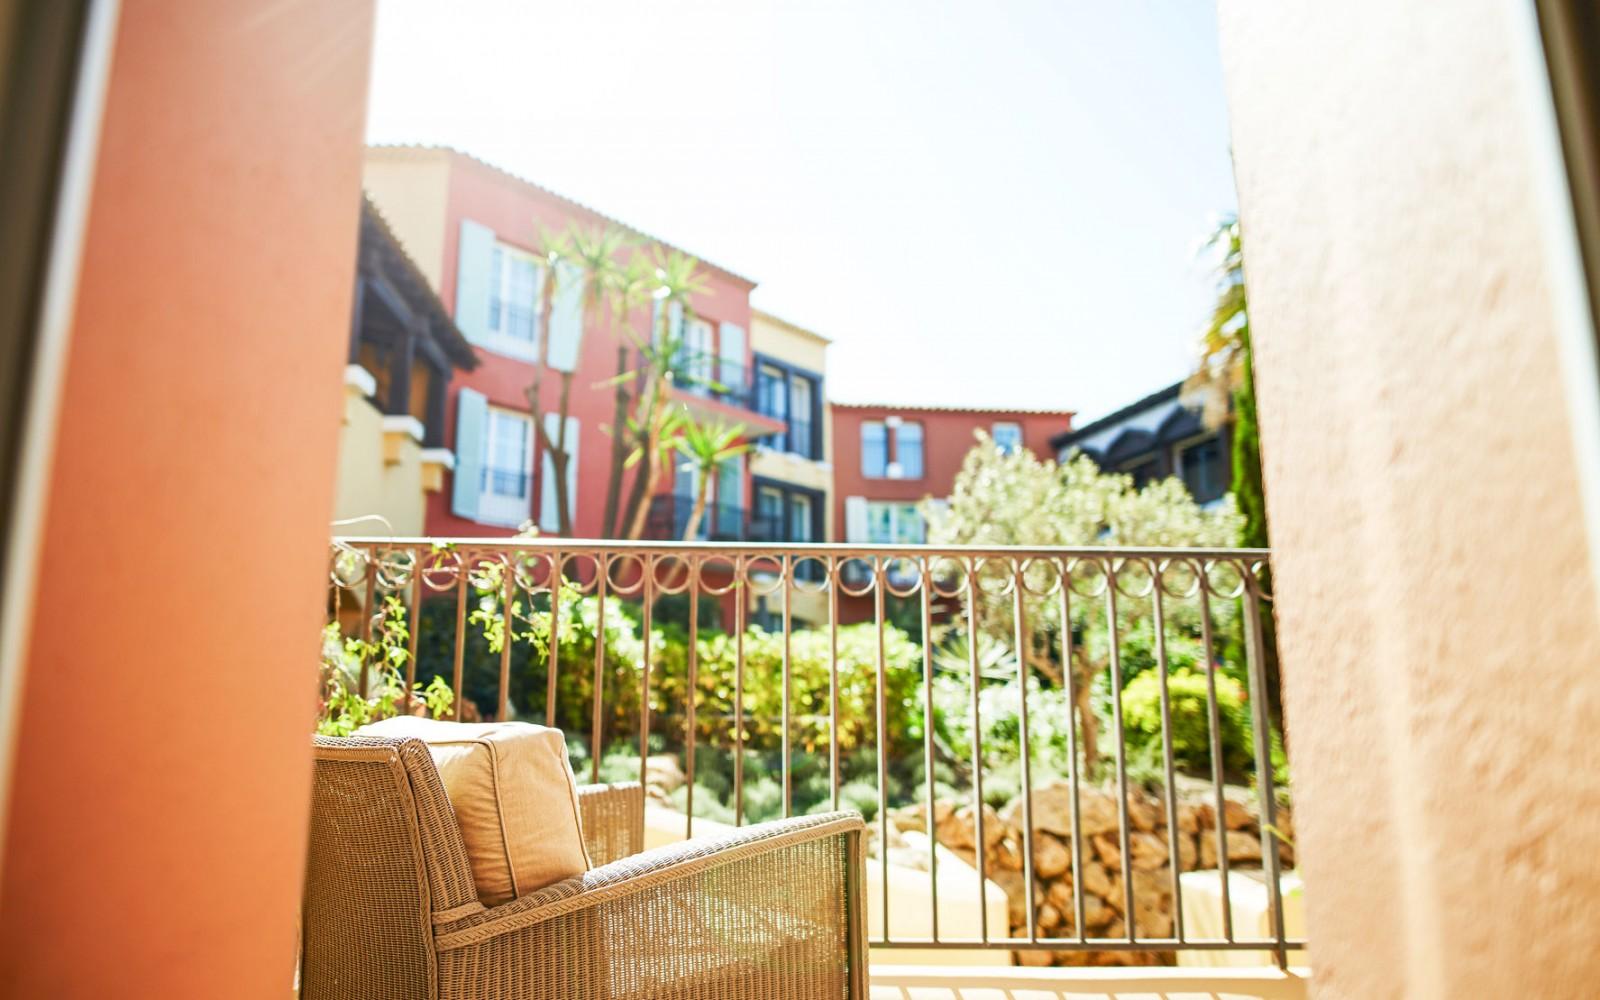 Hotel_Byblos_Saint-Tropez_Classic-Double-Room-141-2